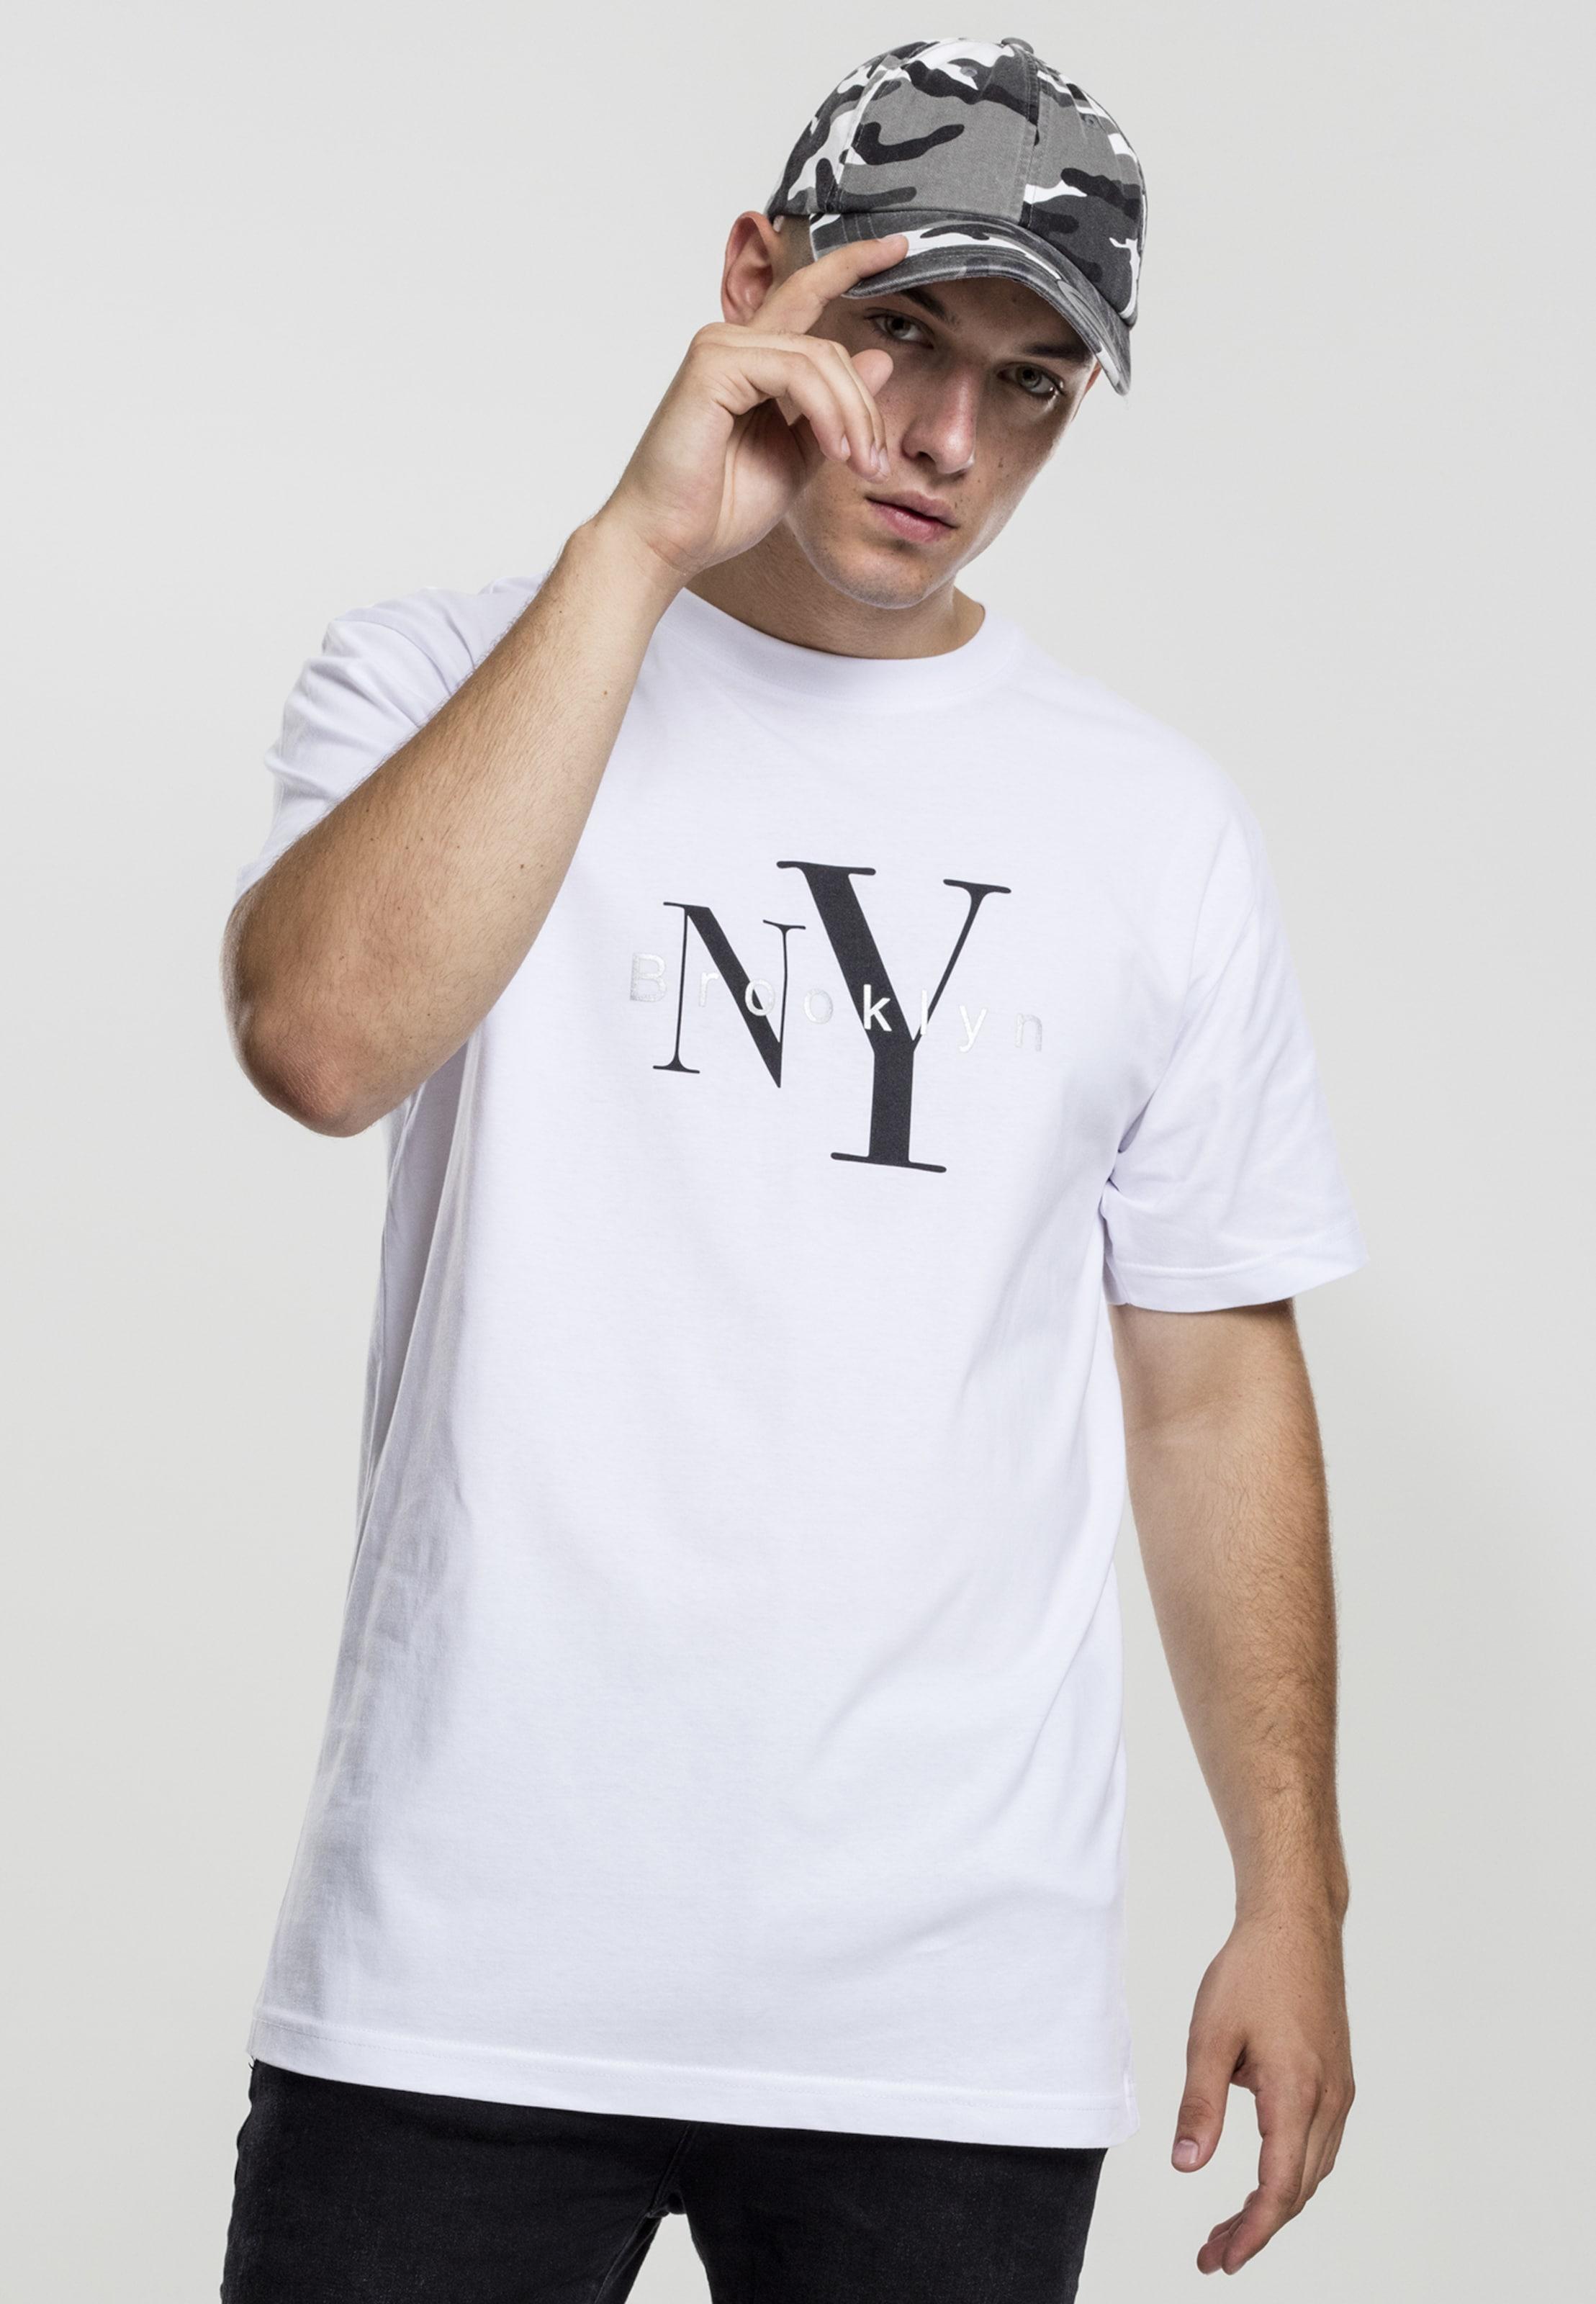 Brooklyn' Mister T 'ny Tee SchwarzWeiß shirt In EHWbeI9D2Y